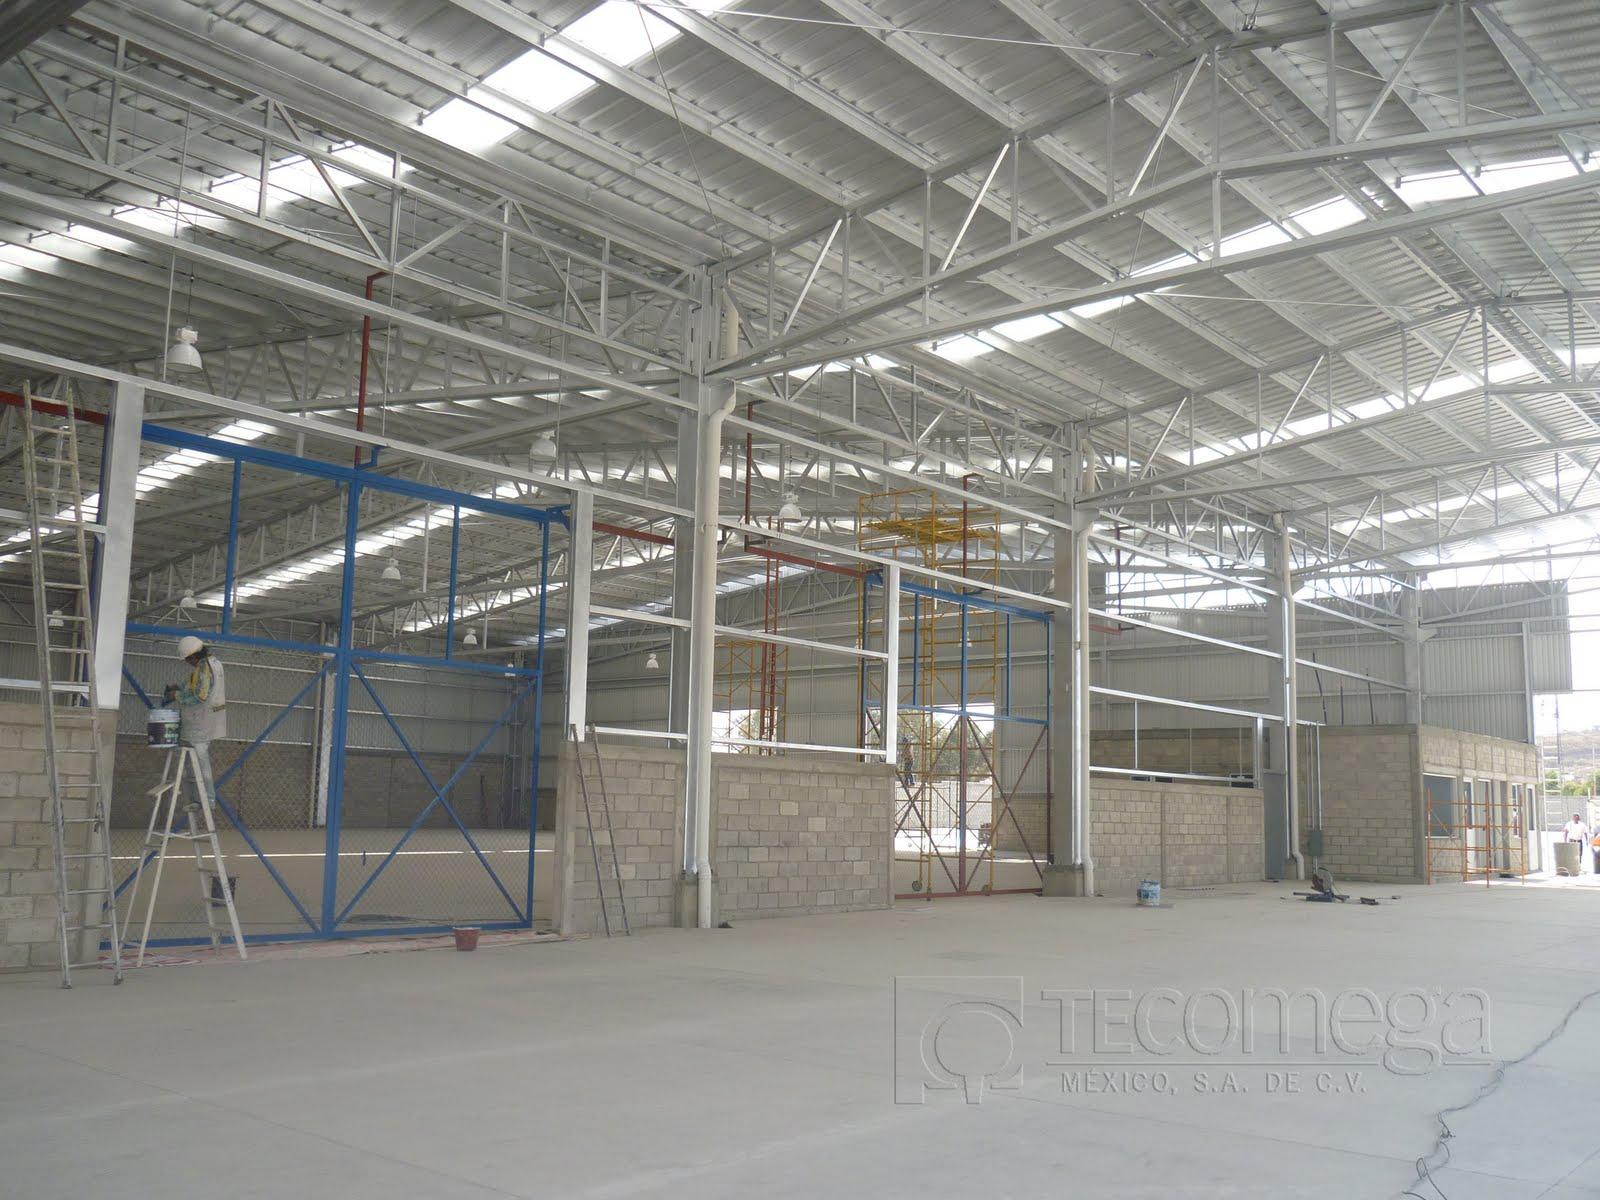 Estructuras Metalicas Tecomega Estructura Metalica Nave